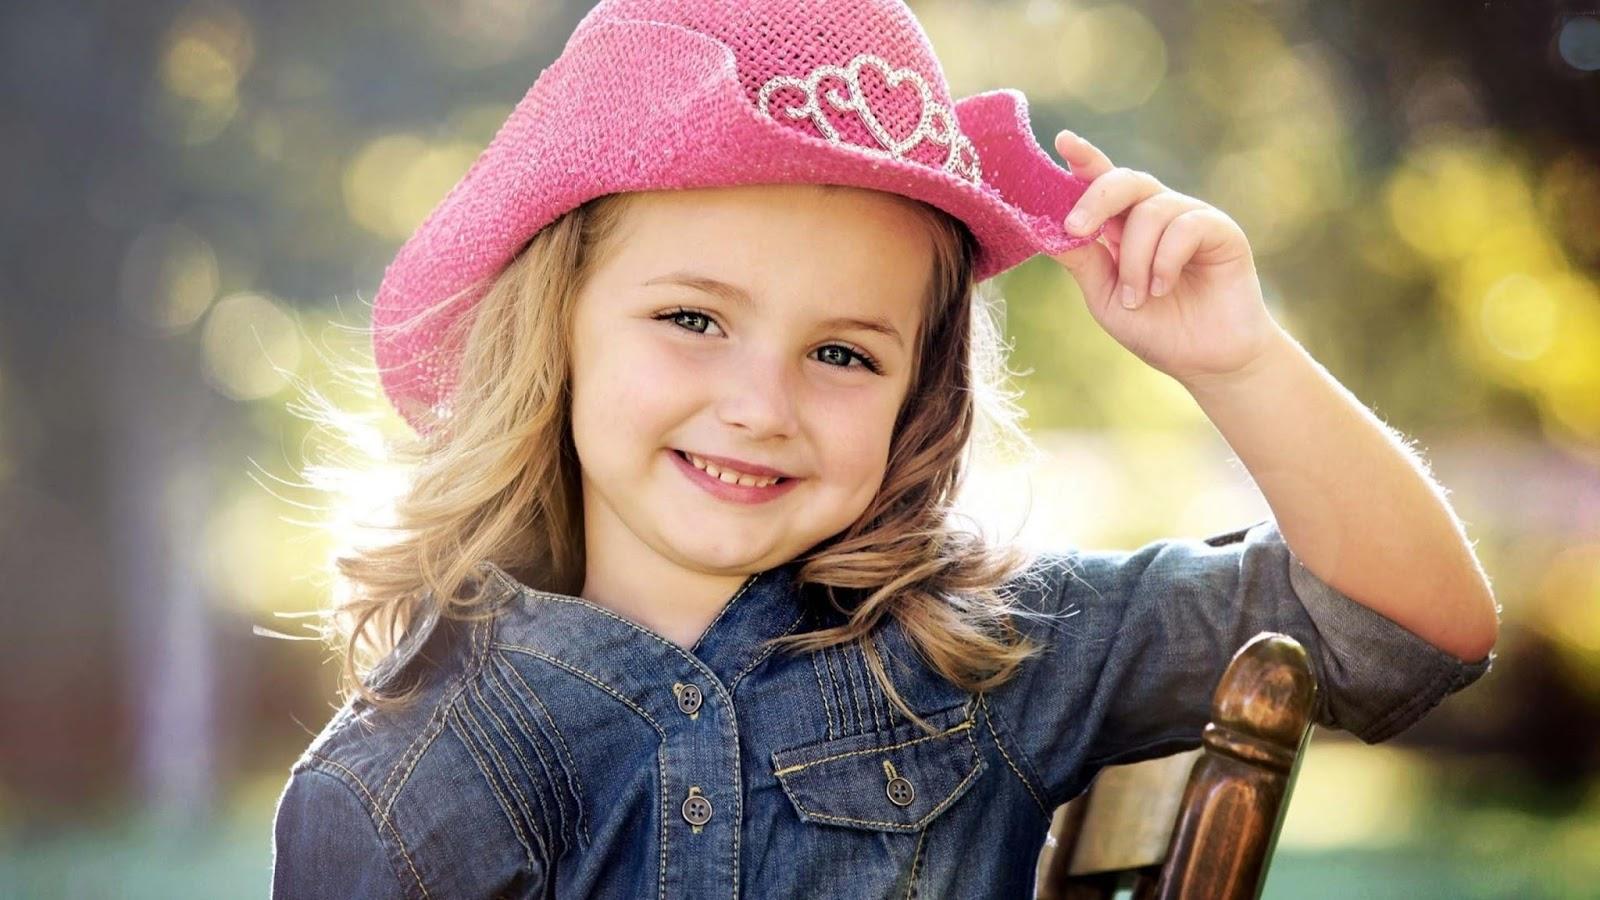 Hình ảnh em bé dễ thương cute